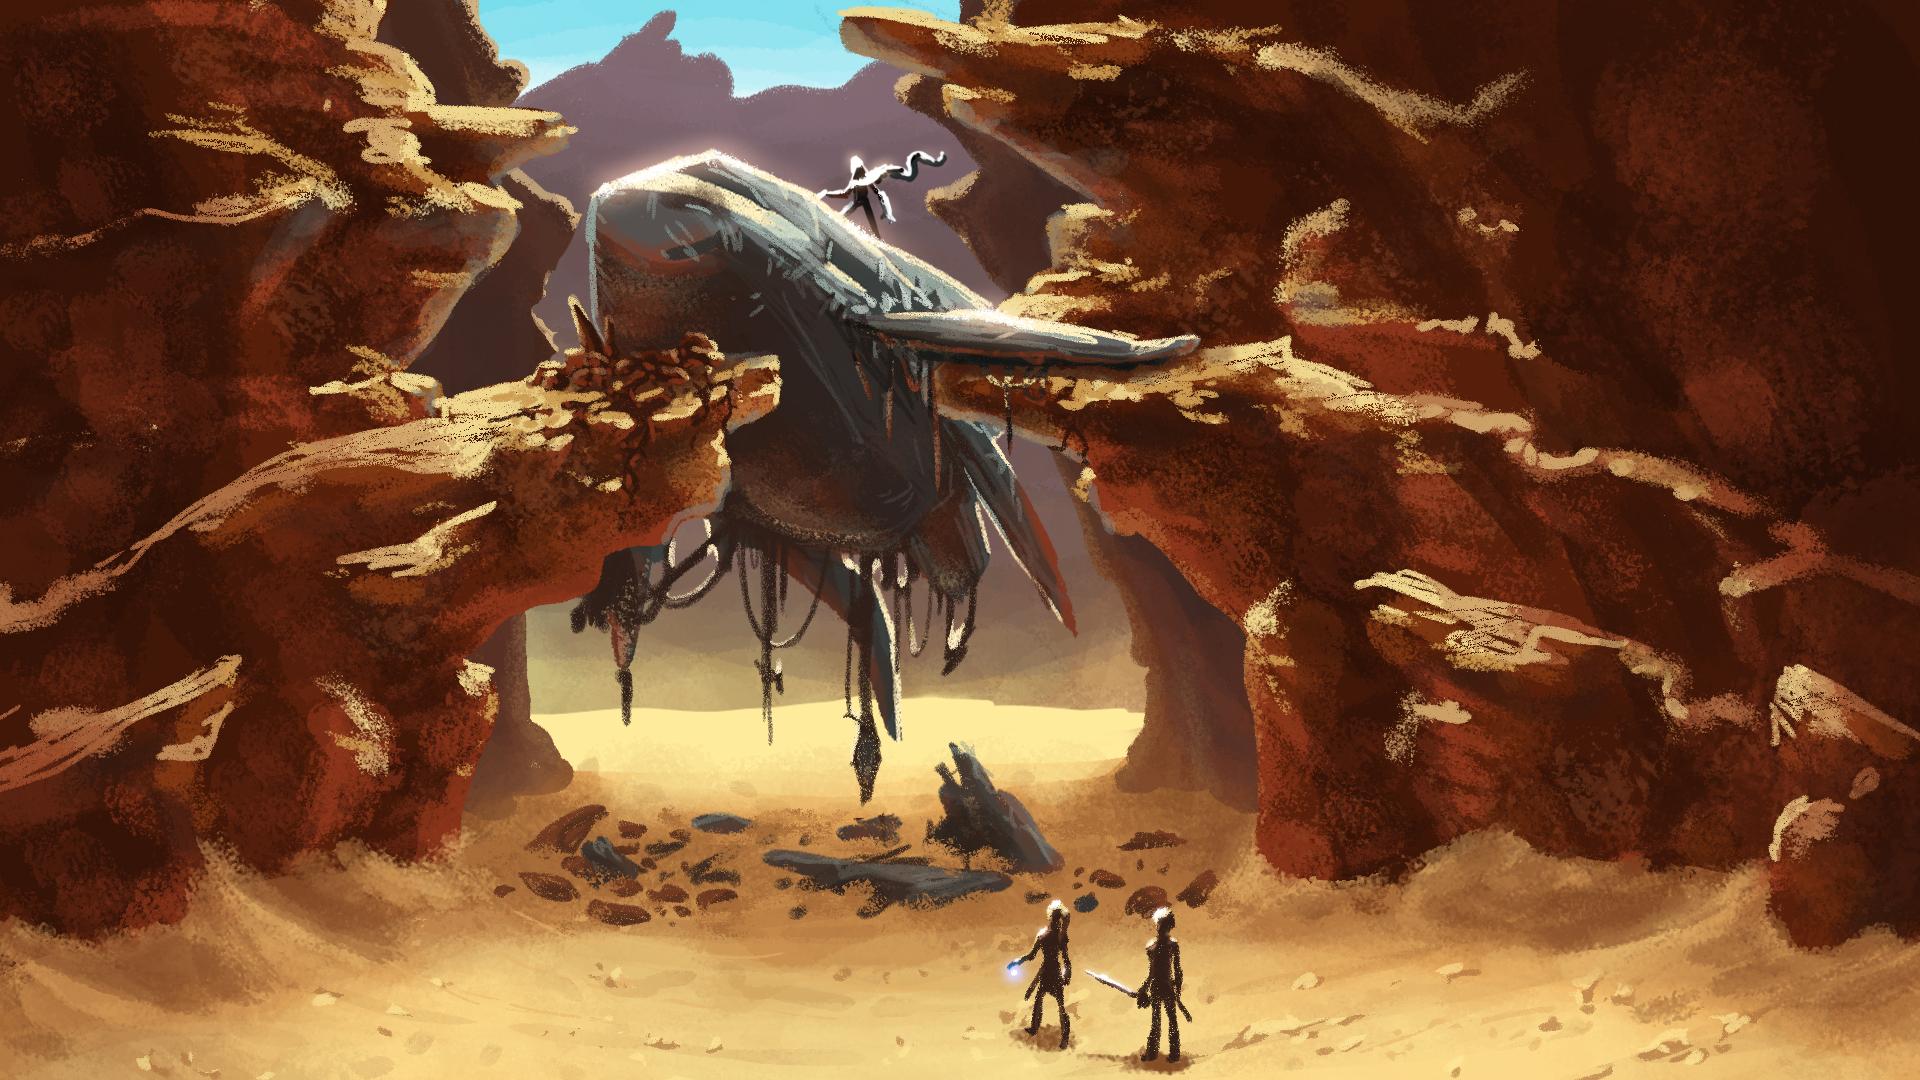 desert space ship.jpg